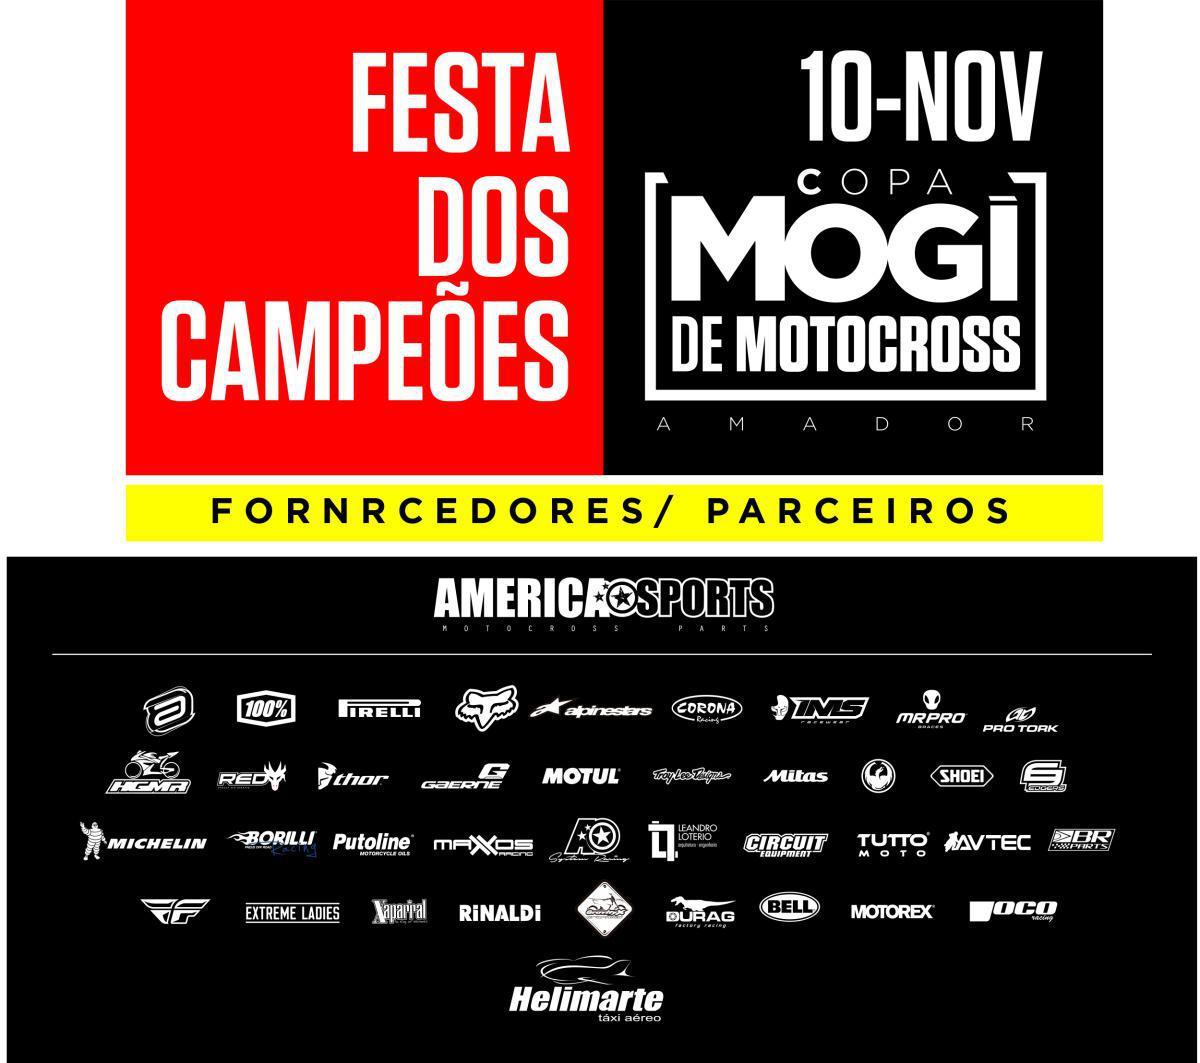 Festa dos Campeões - Copa Mogi 2018